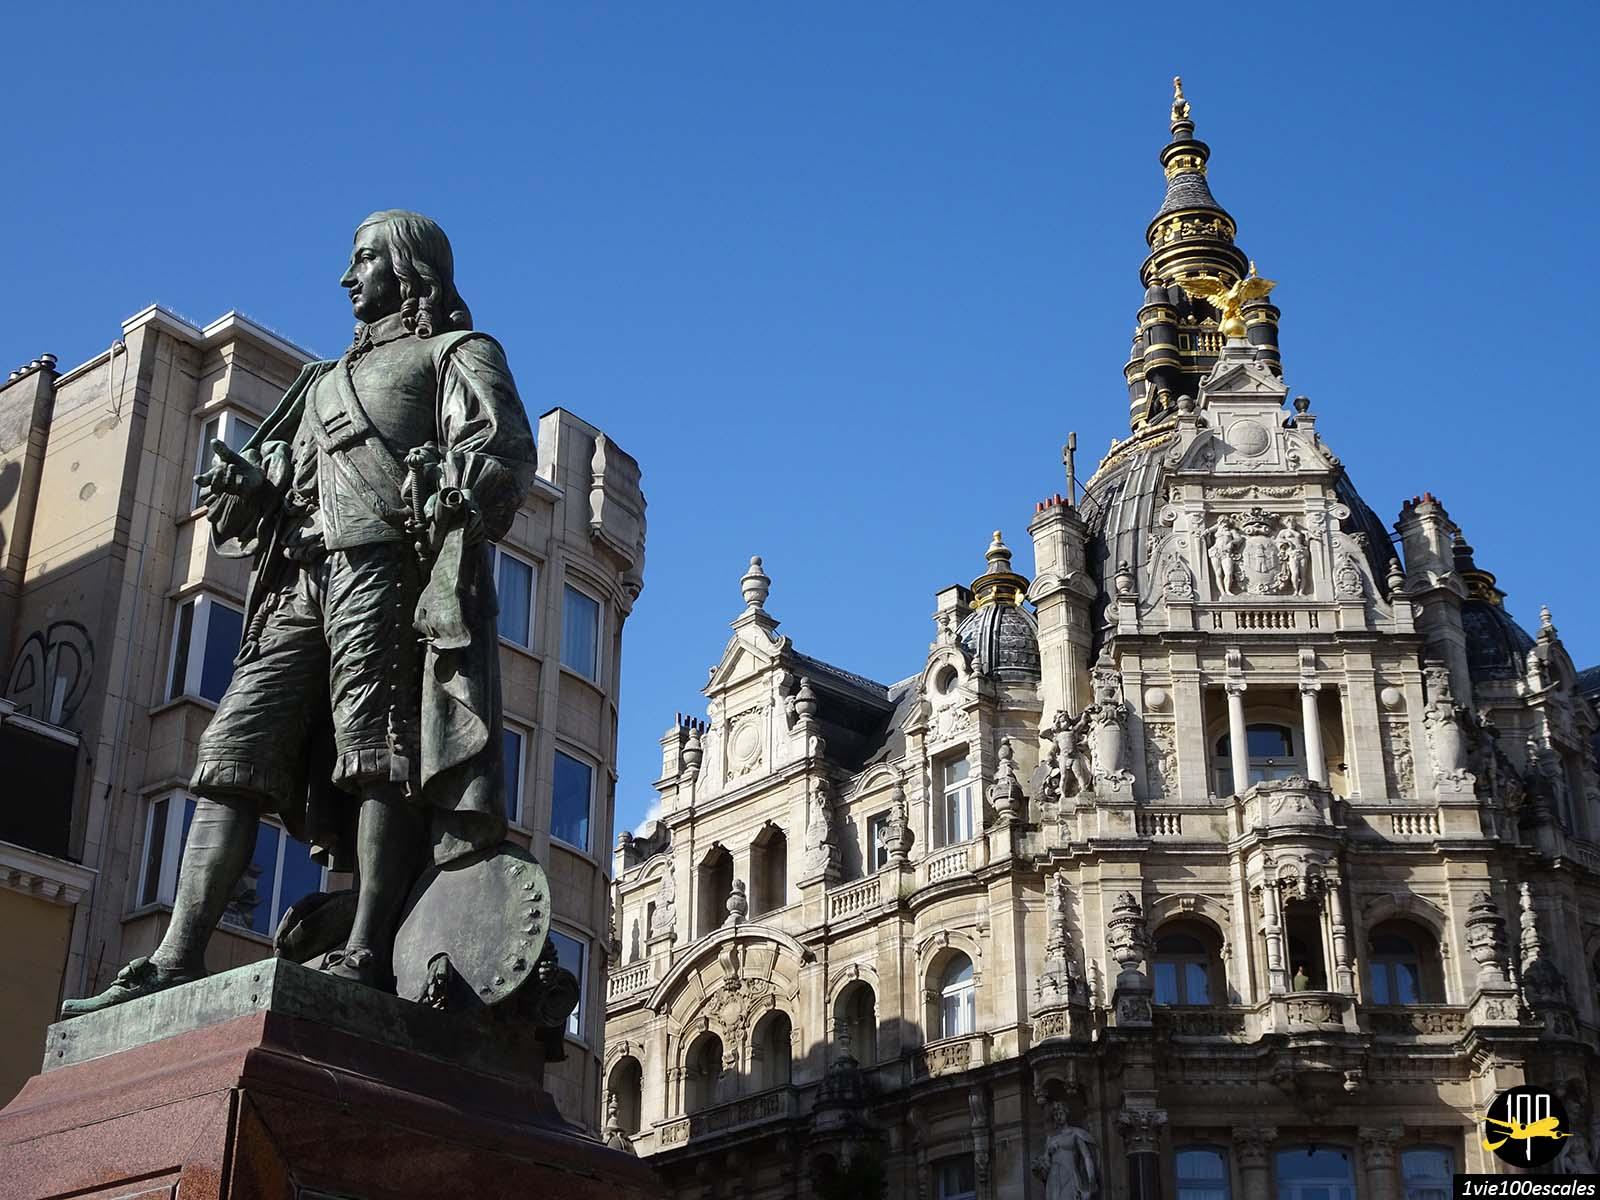 Les monuments de la rue commercante d'Anvers